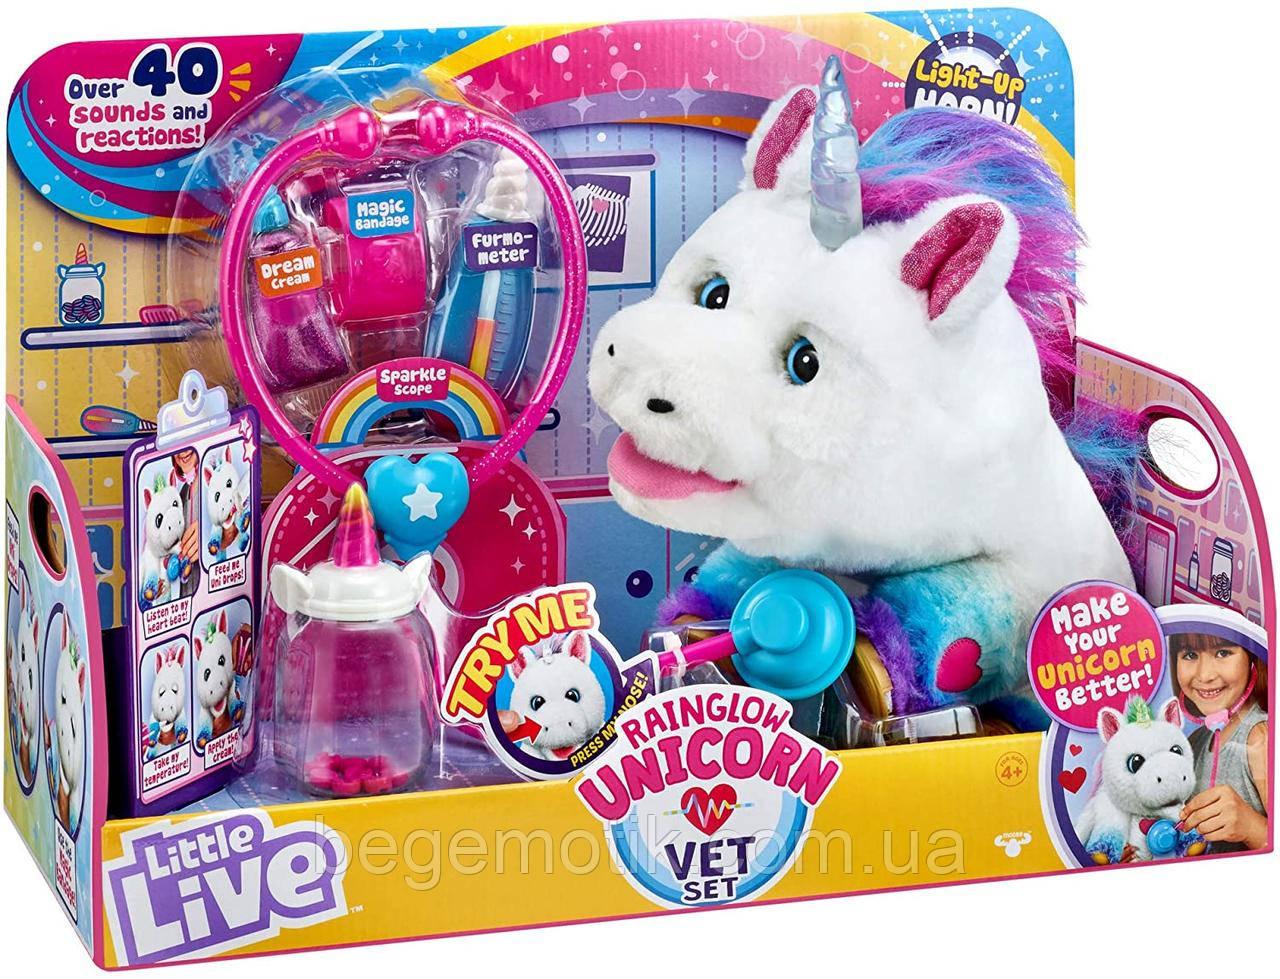 Интерактивный единорог Полечи меня ветеринар Moose Little Live Rainglow Unicorn Vet Set